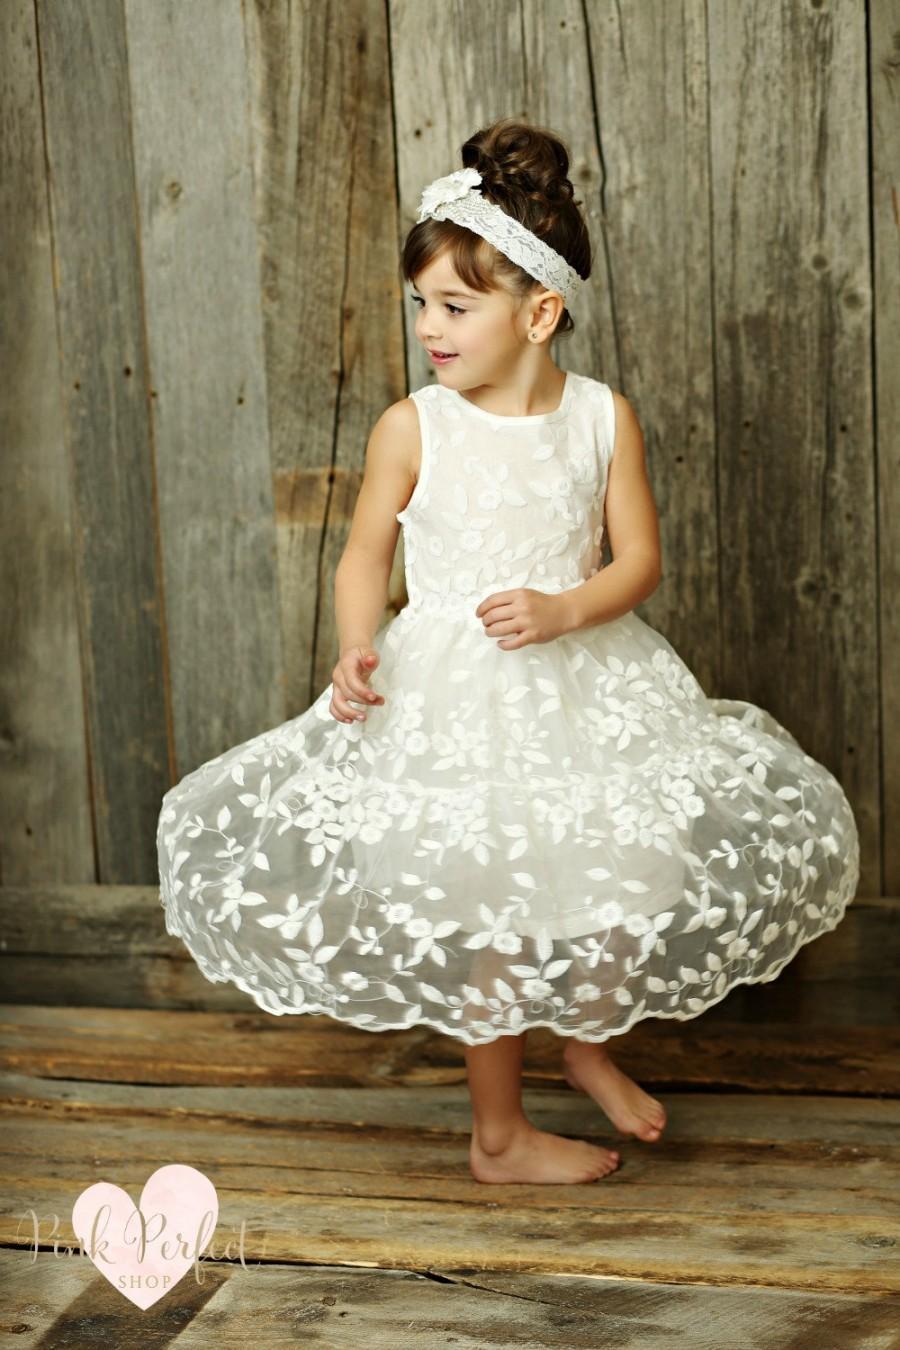 Mariage - Flower Girl dress,girls lace dress,lace flower girl dress, Champagne lace dress, rustic flower girl dress,Country flower girl dress.